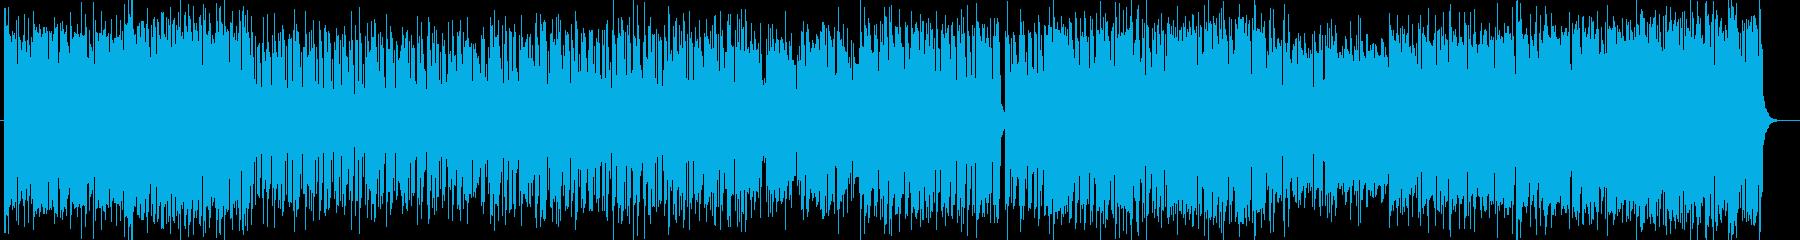 元気なシンセサイザーポップサウンドの再生済みの波形